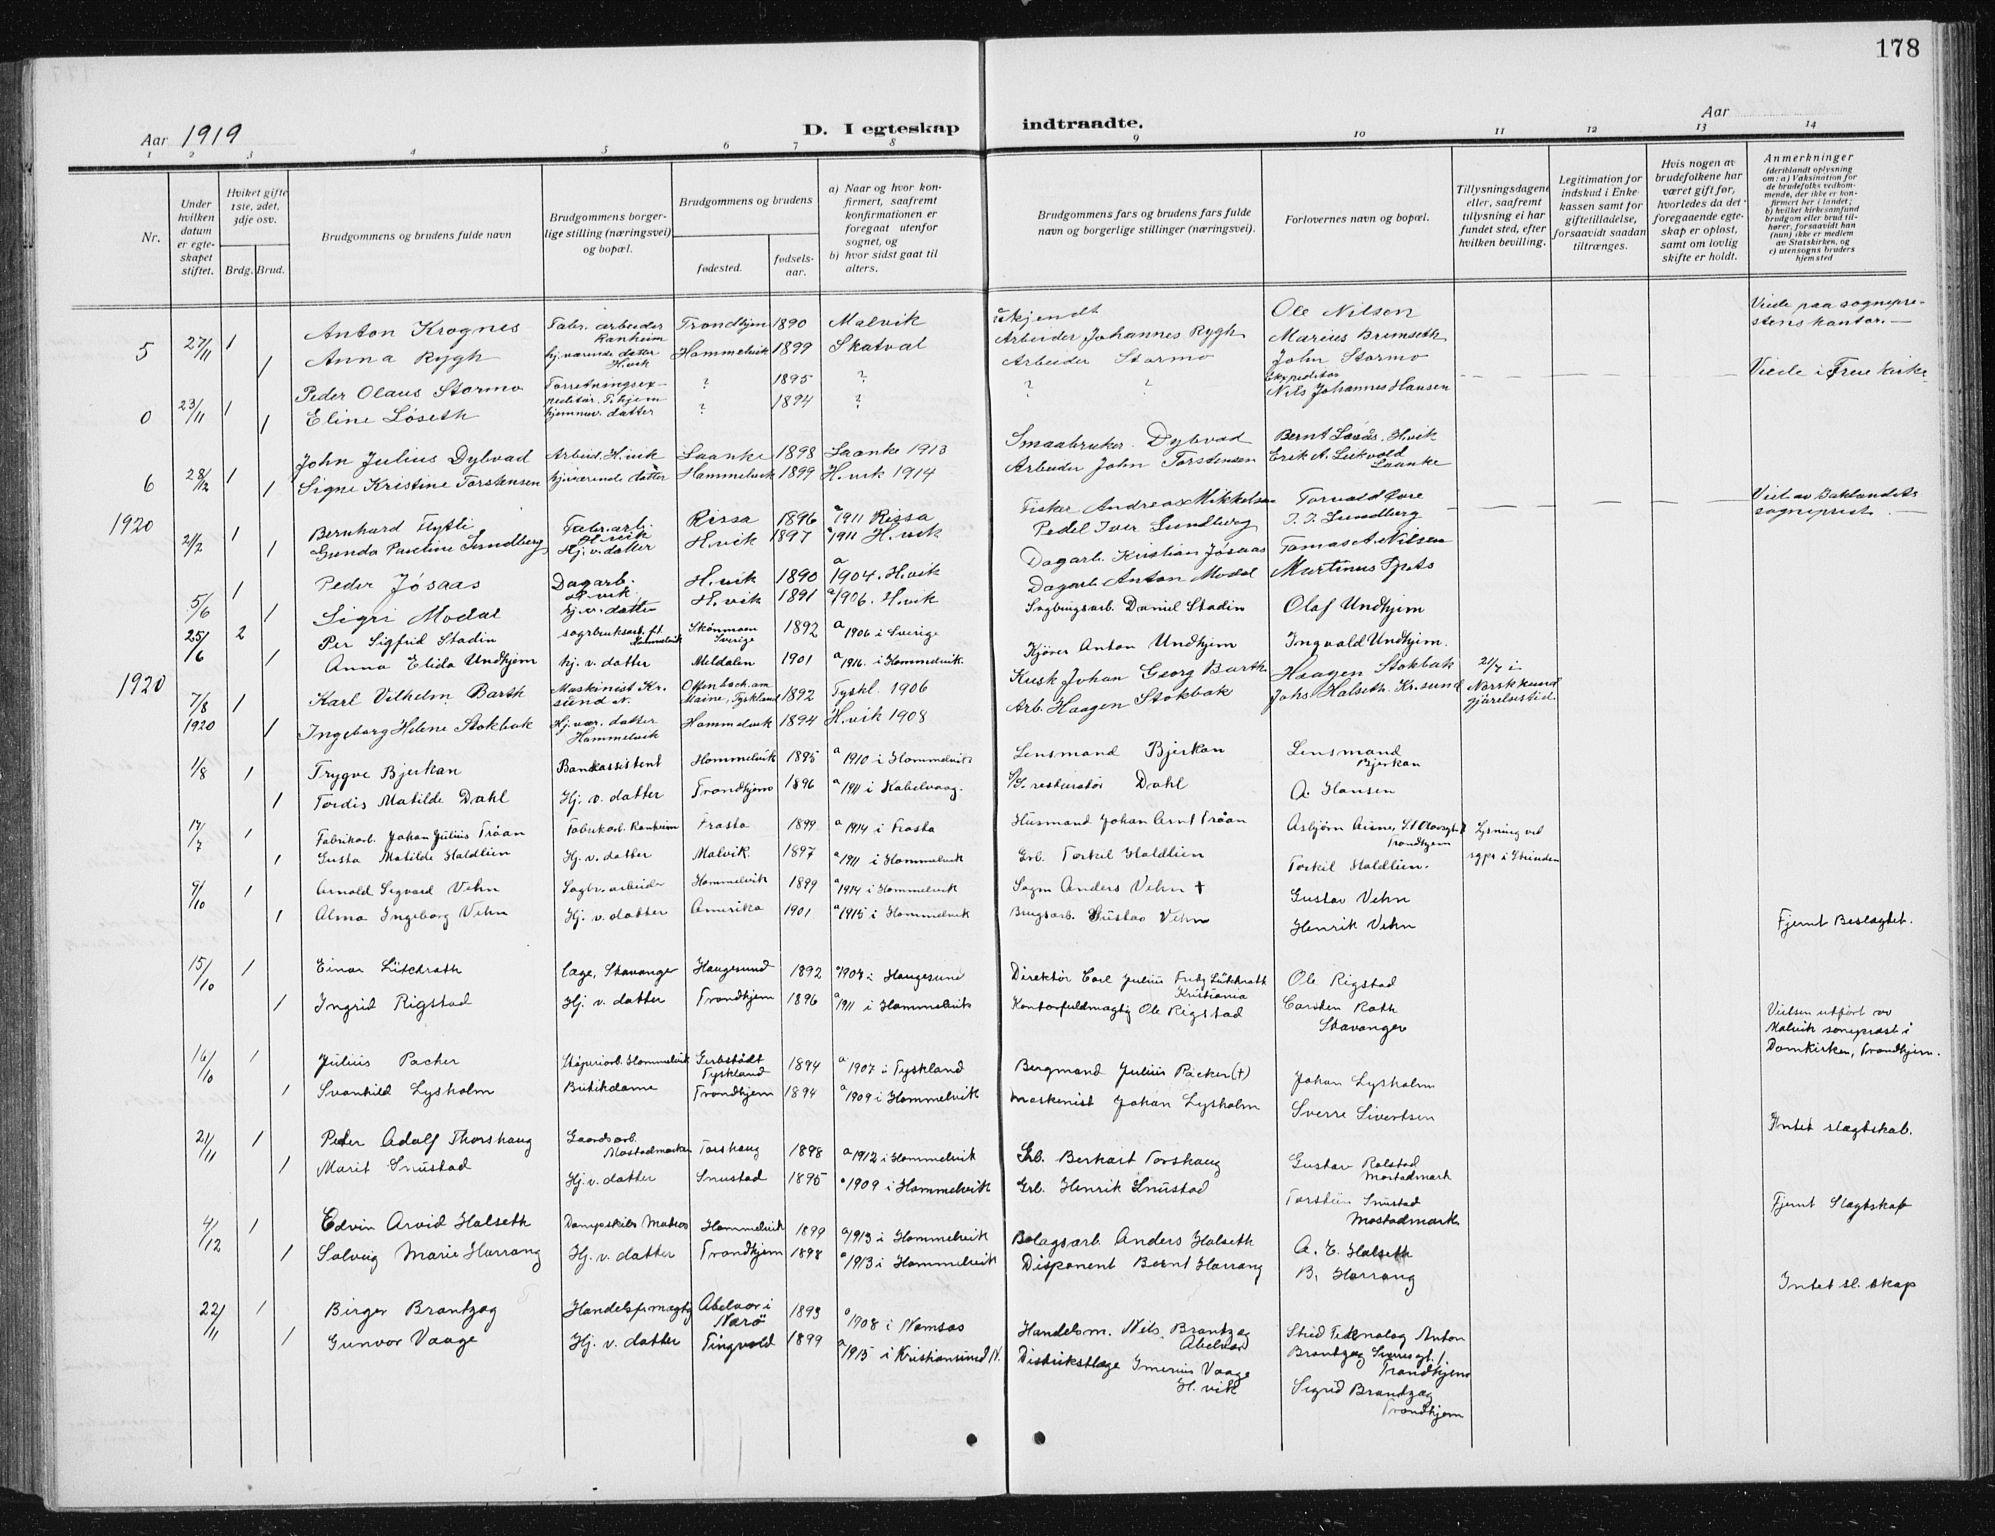 SAT, Ministerialprotokoller, klokkerbøker og fødselsregistre - Sør-Trøndelag, 617/L0431: Klokkerbok nr. 617C02, 1910-1936, s. 178